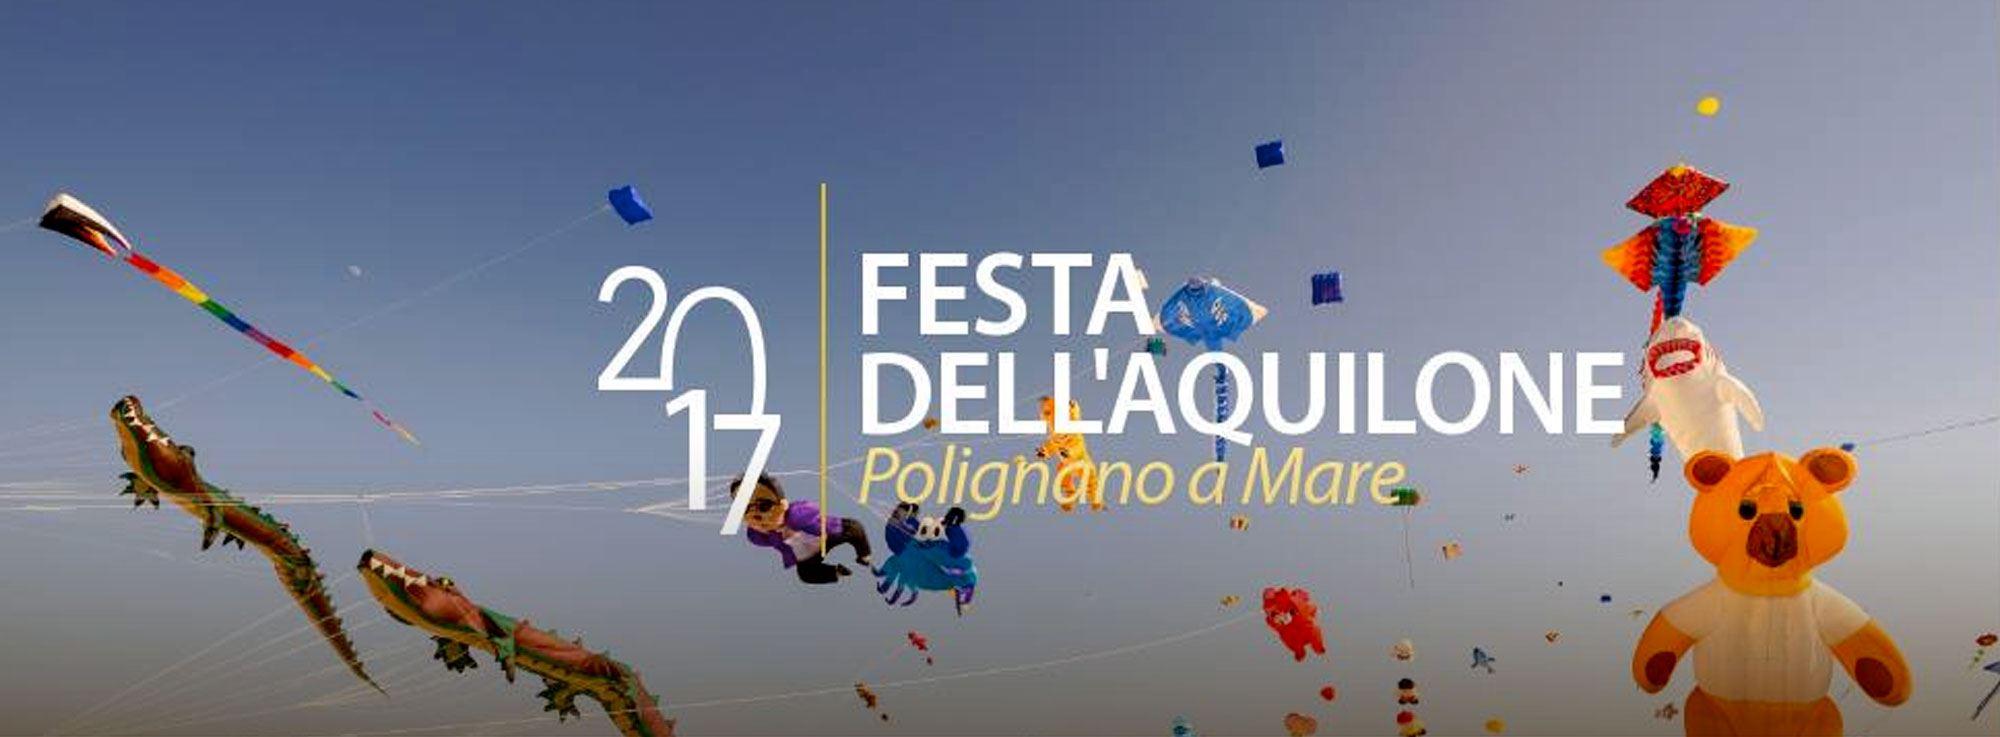 Polignano a Mare: Festa dell'Aquilone